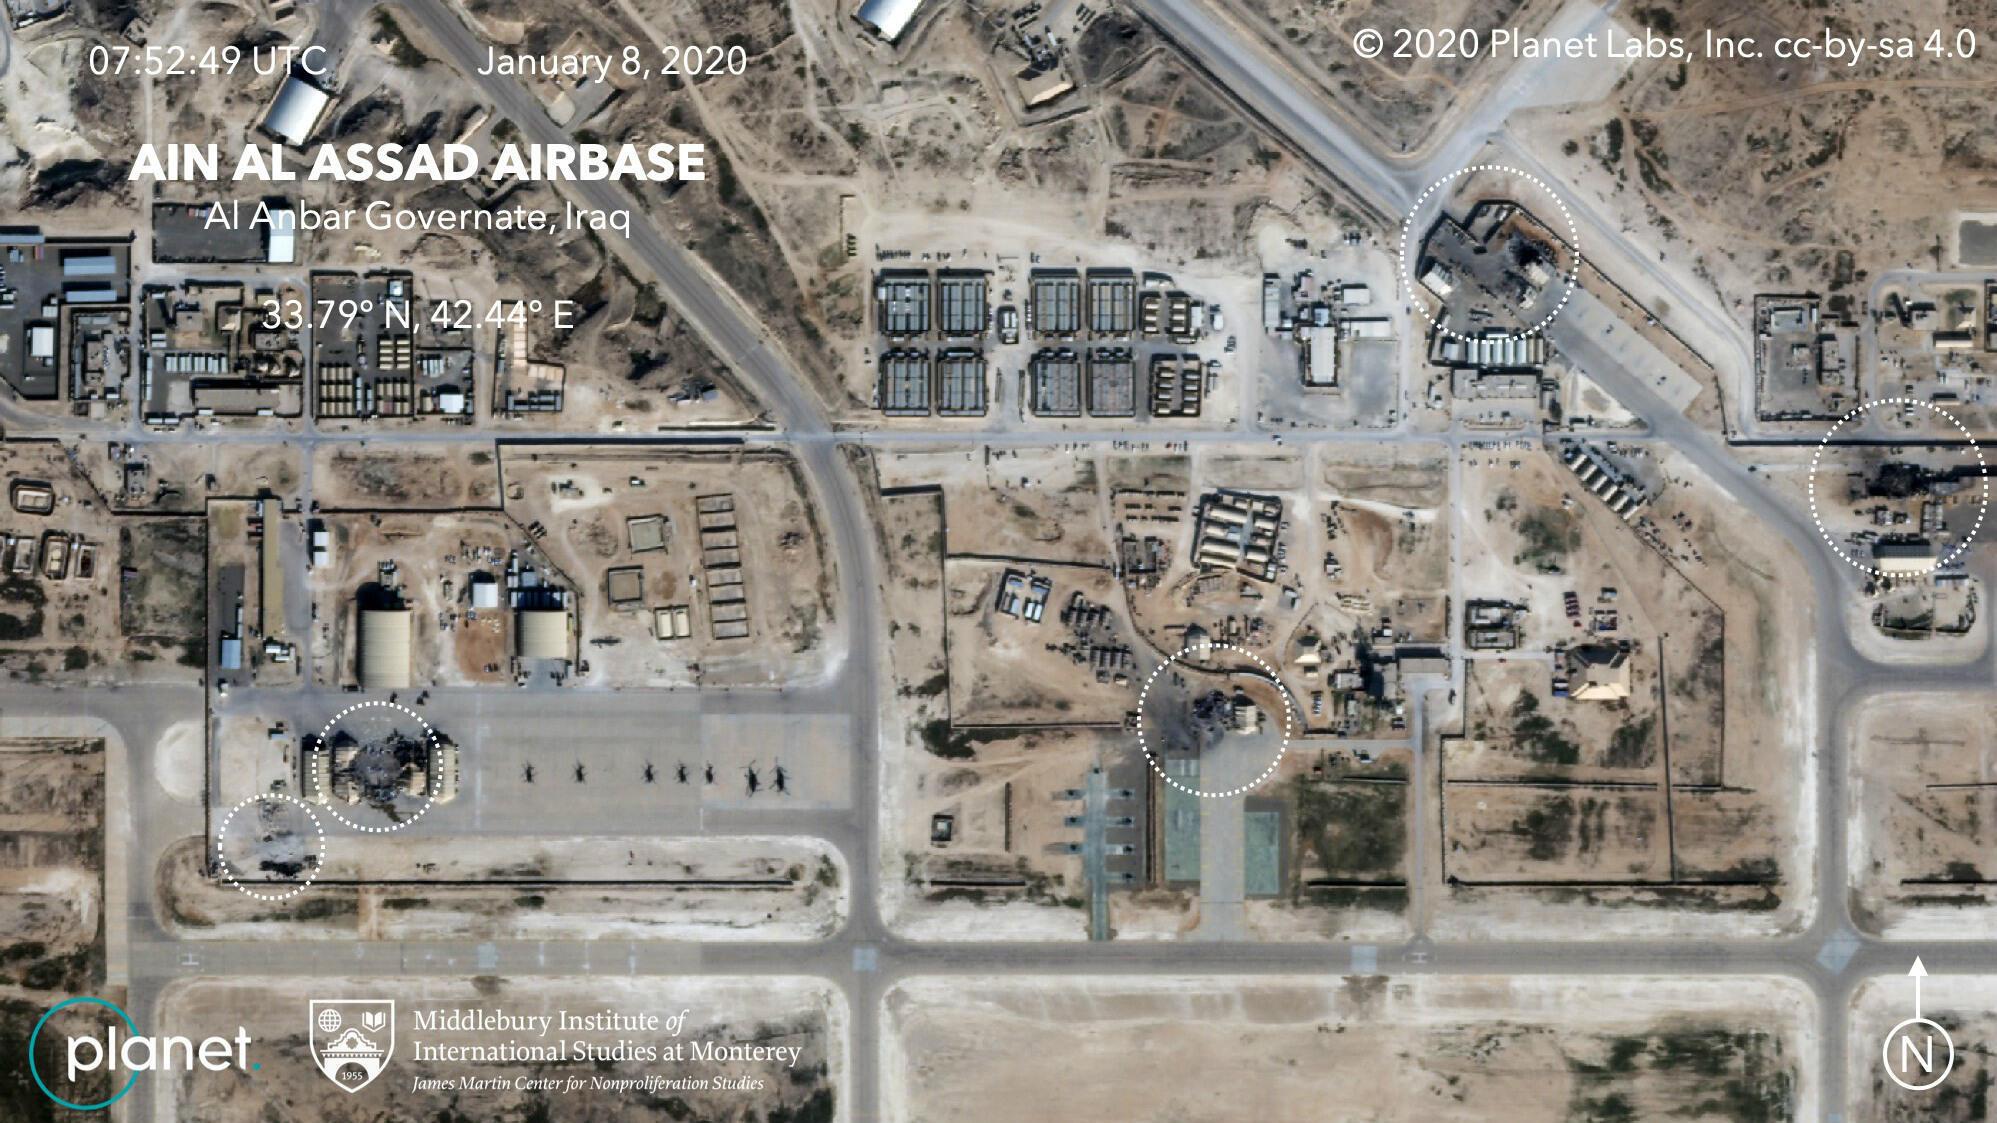 Fotografía captada por la empresa estadounidense Planet donde se muestran los daños sobre al menos cinco instalaciones en la base aérea Al Asad, en Al Anbar, Irak.